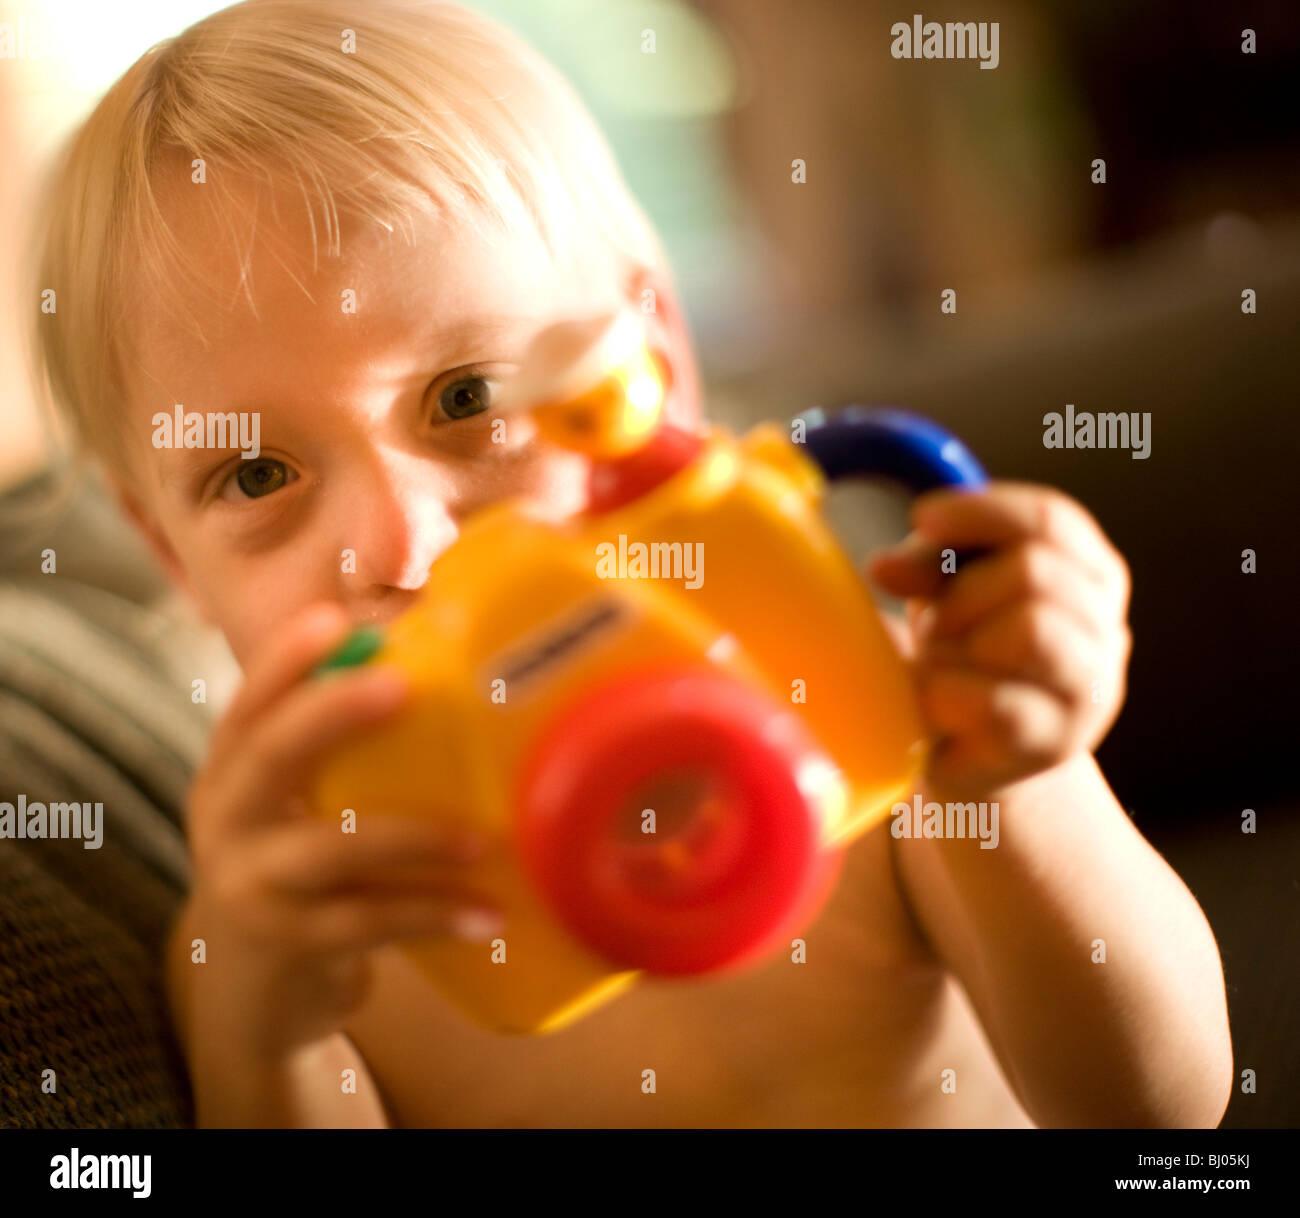 Jungen spielen mit Spielzeugkamera. Stockbild